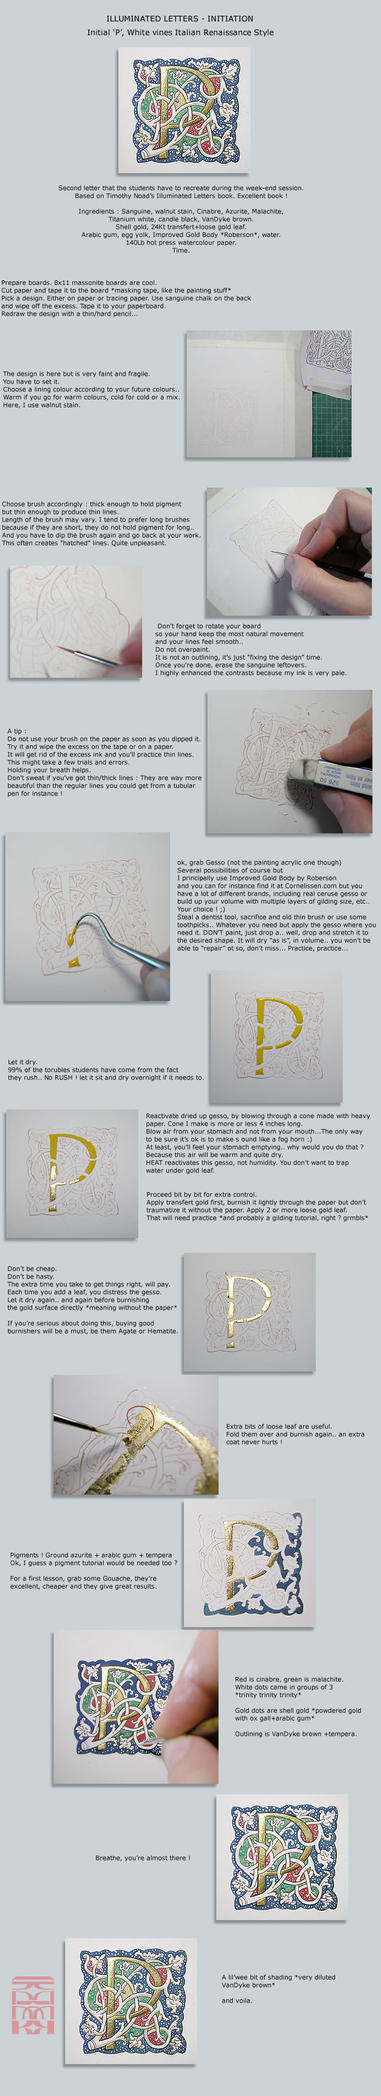 Illuminated 'P' - Tutorial (Daily Deviation) by somk